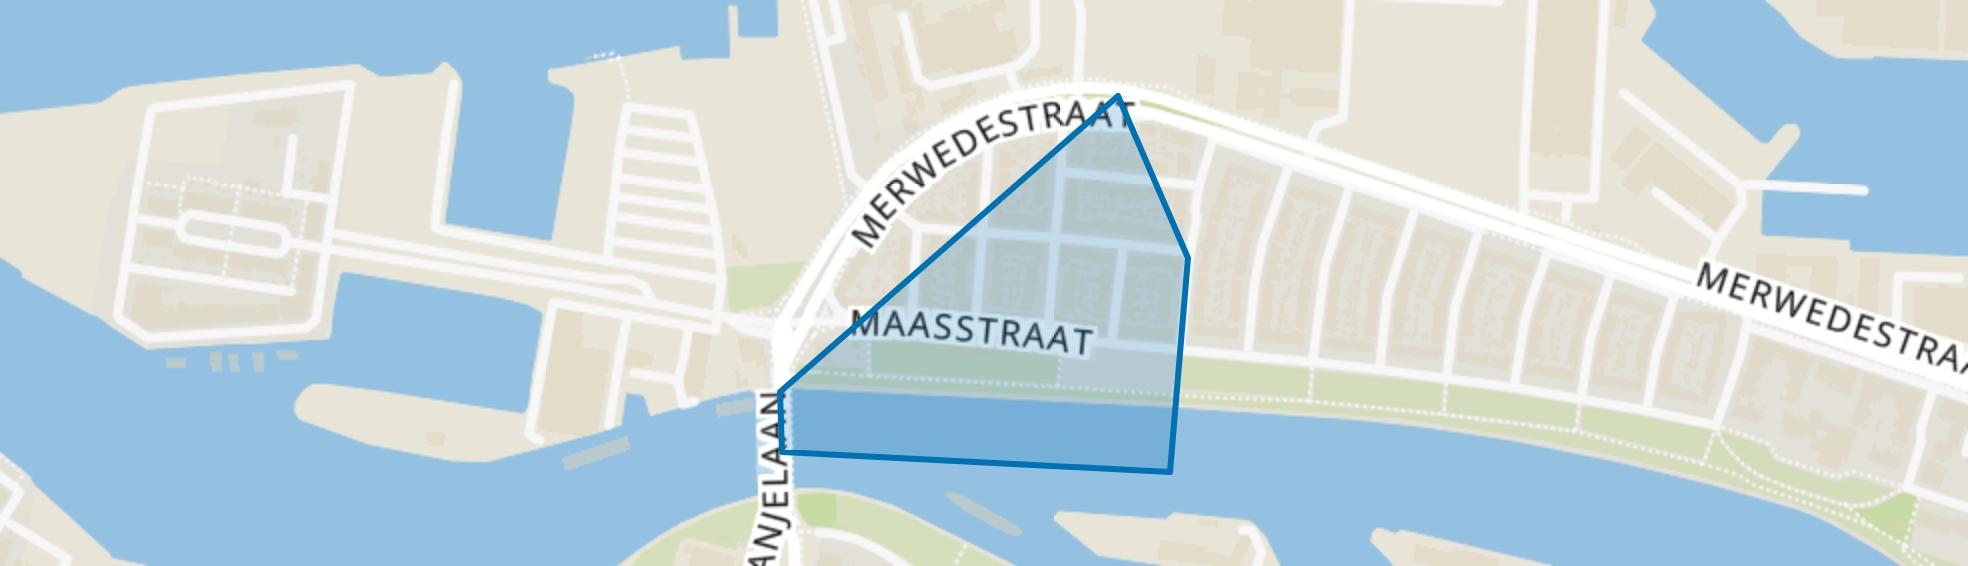 Noorderkwartier, Dordrecht map